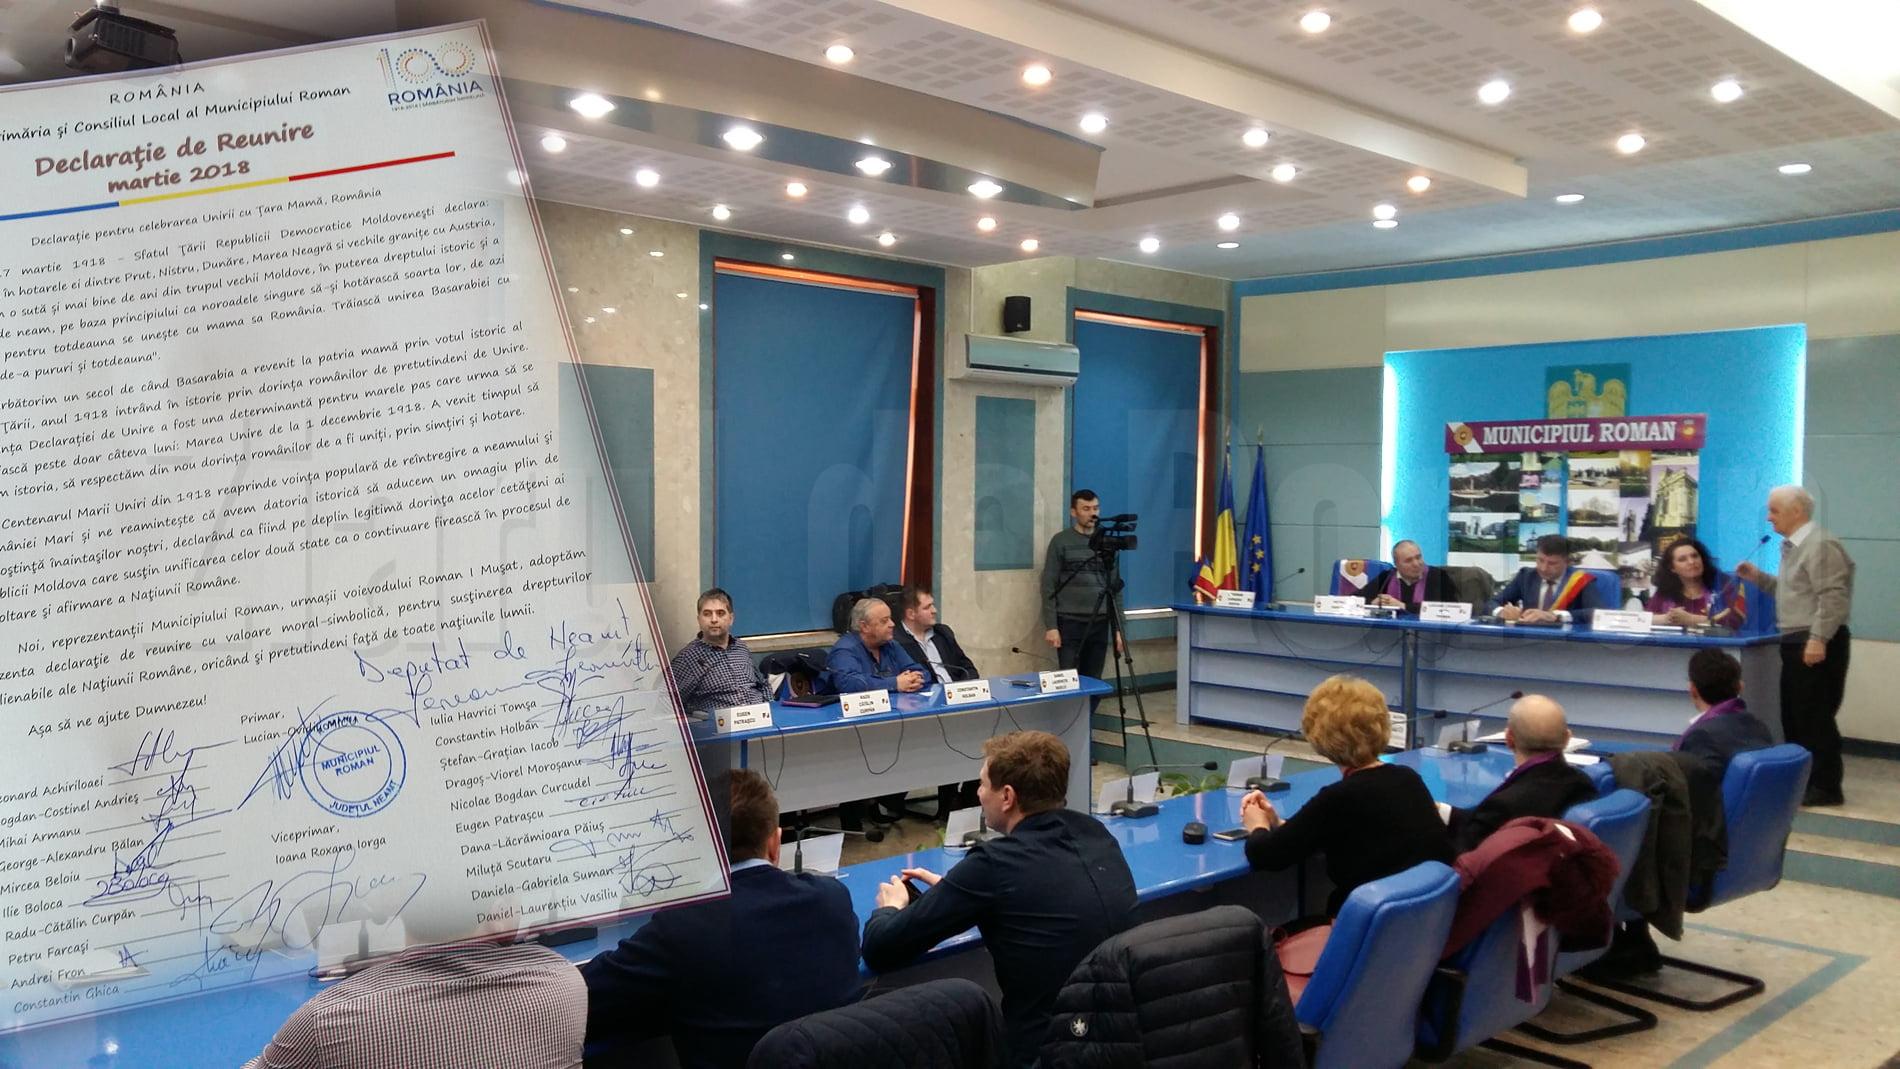 Declarație de reunire a Basarabiei cu România, semnată joi în ședința Consiliului Local Roman